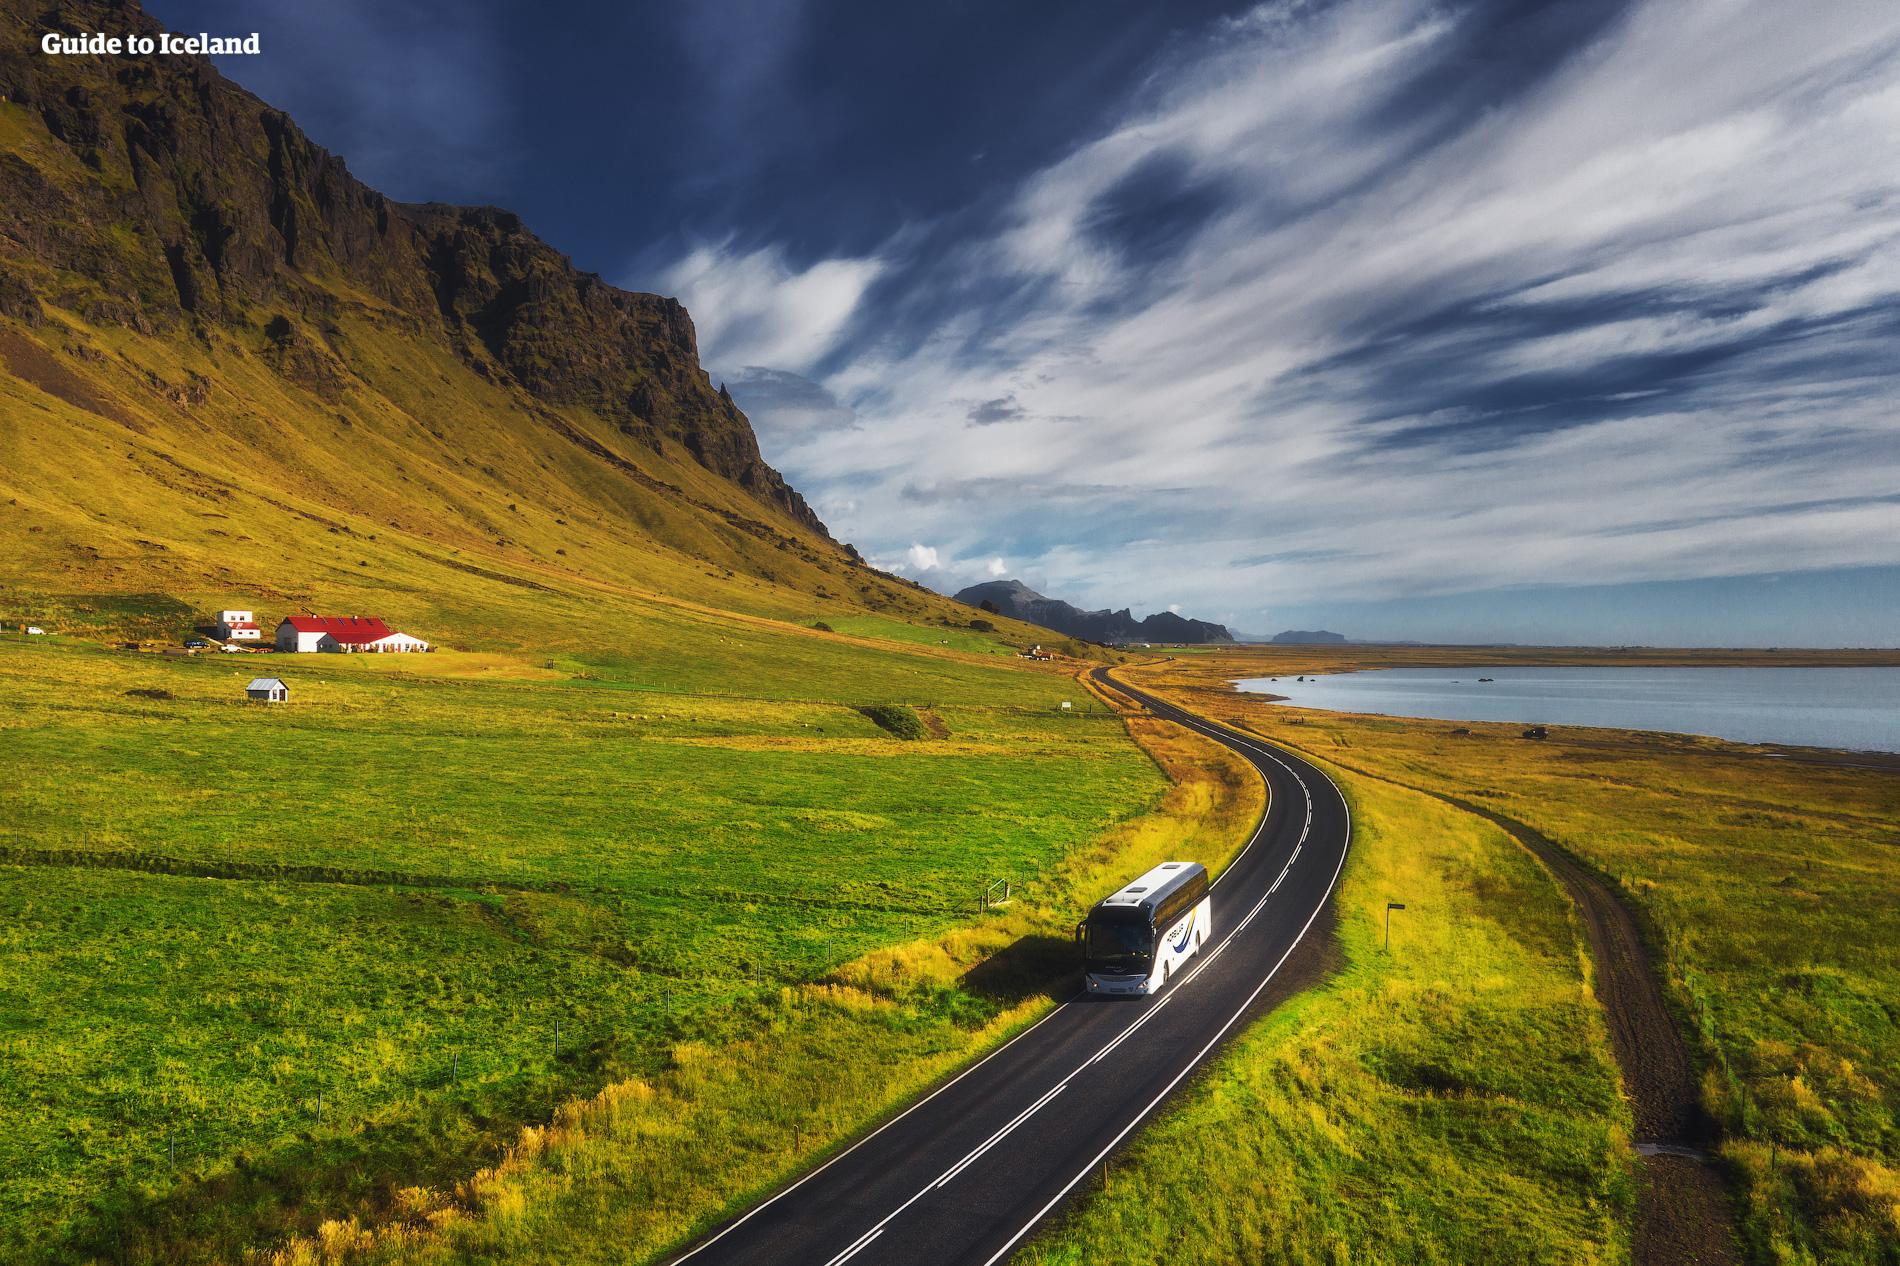 Malownicza 5-dniowa wycieczka samochodowa przez południowe wybrzeże Islandii, Landmannalaugar i interior - day 5